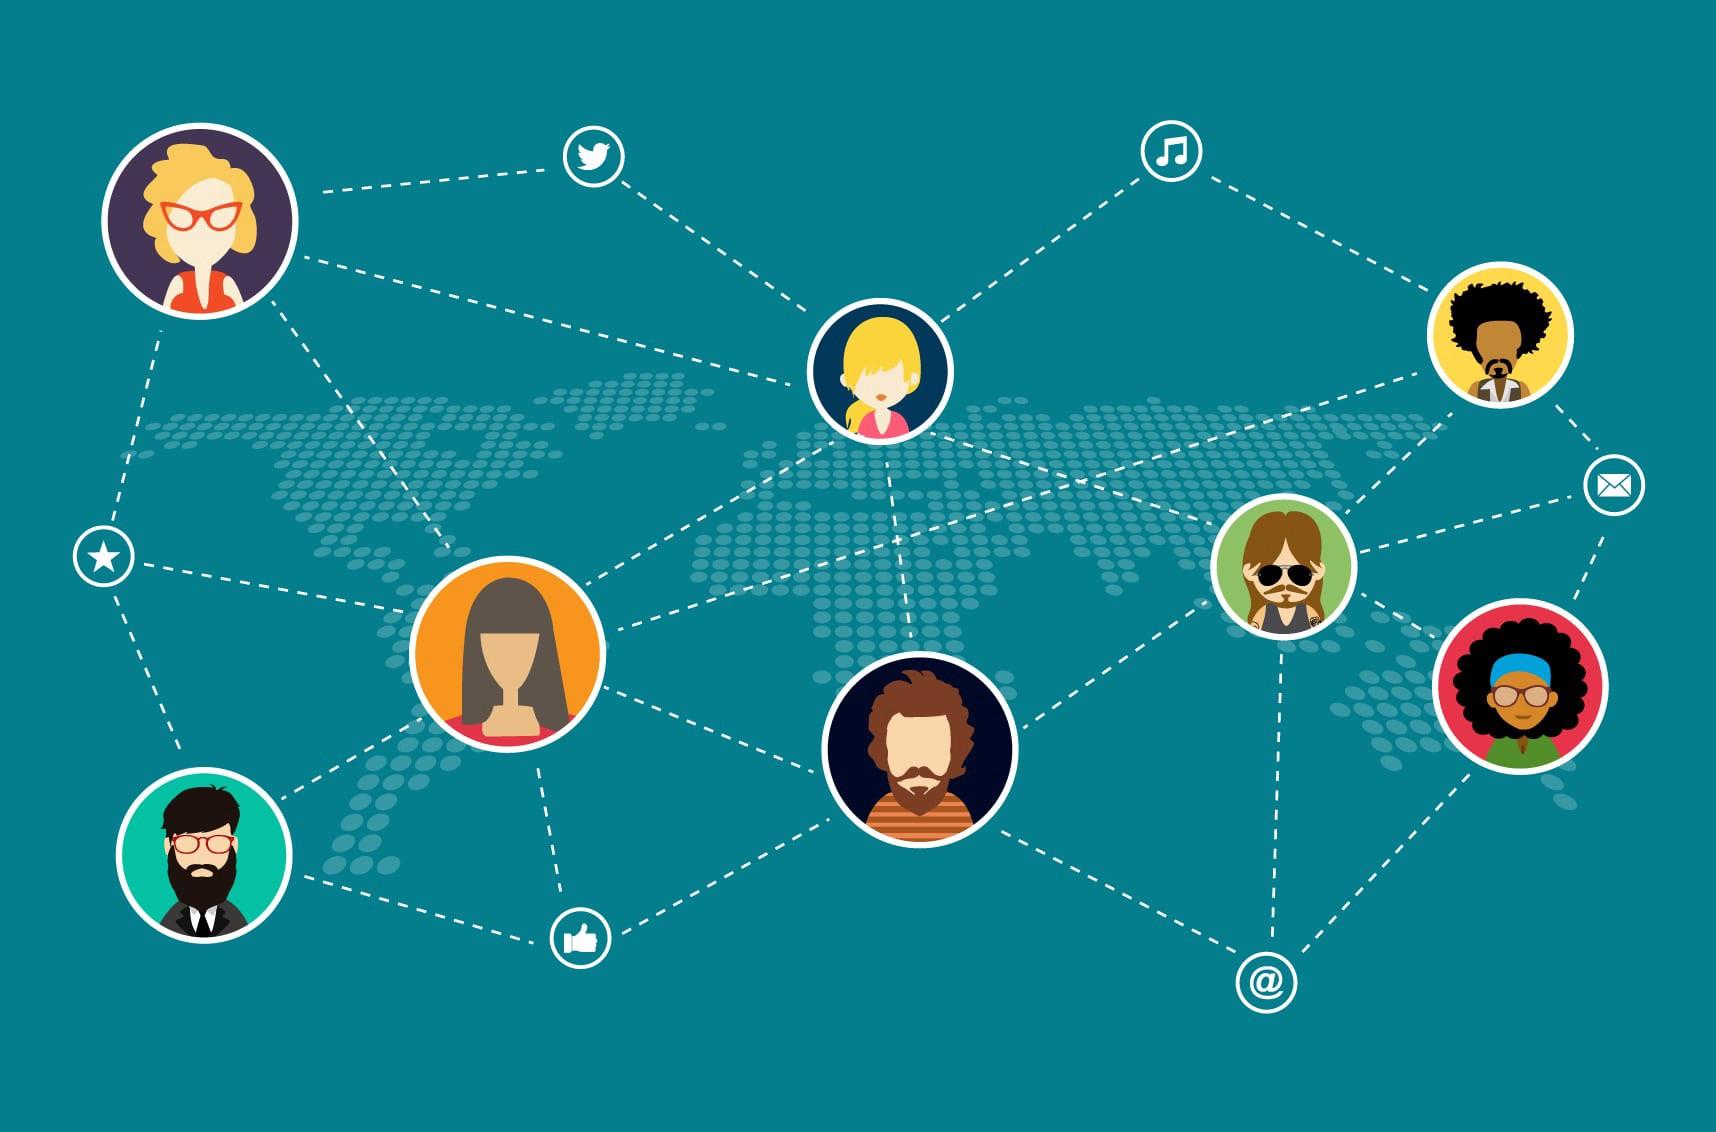 3 redes sociais profissionais que você deve criar um perfil